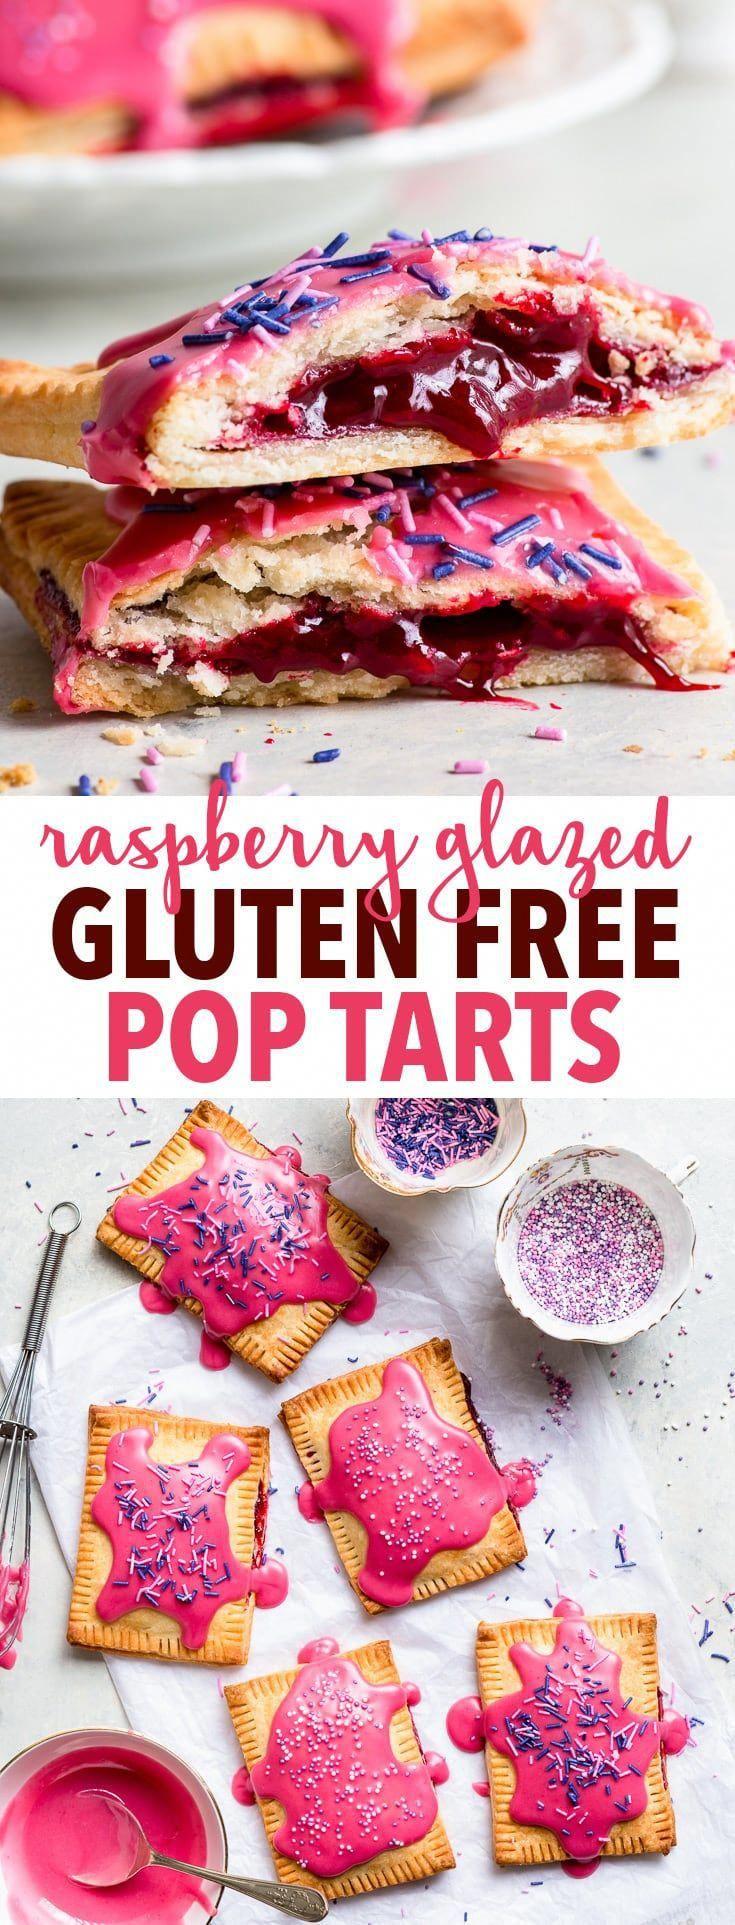 Gluten free pancake mix where to find gluten free food